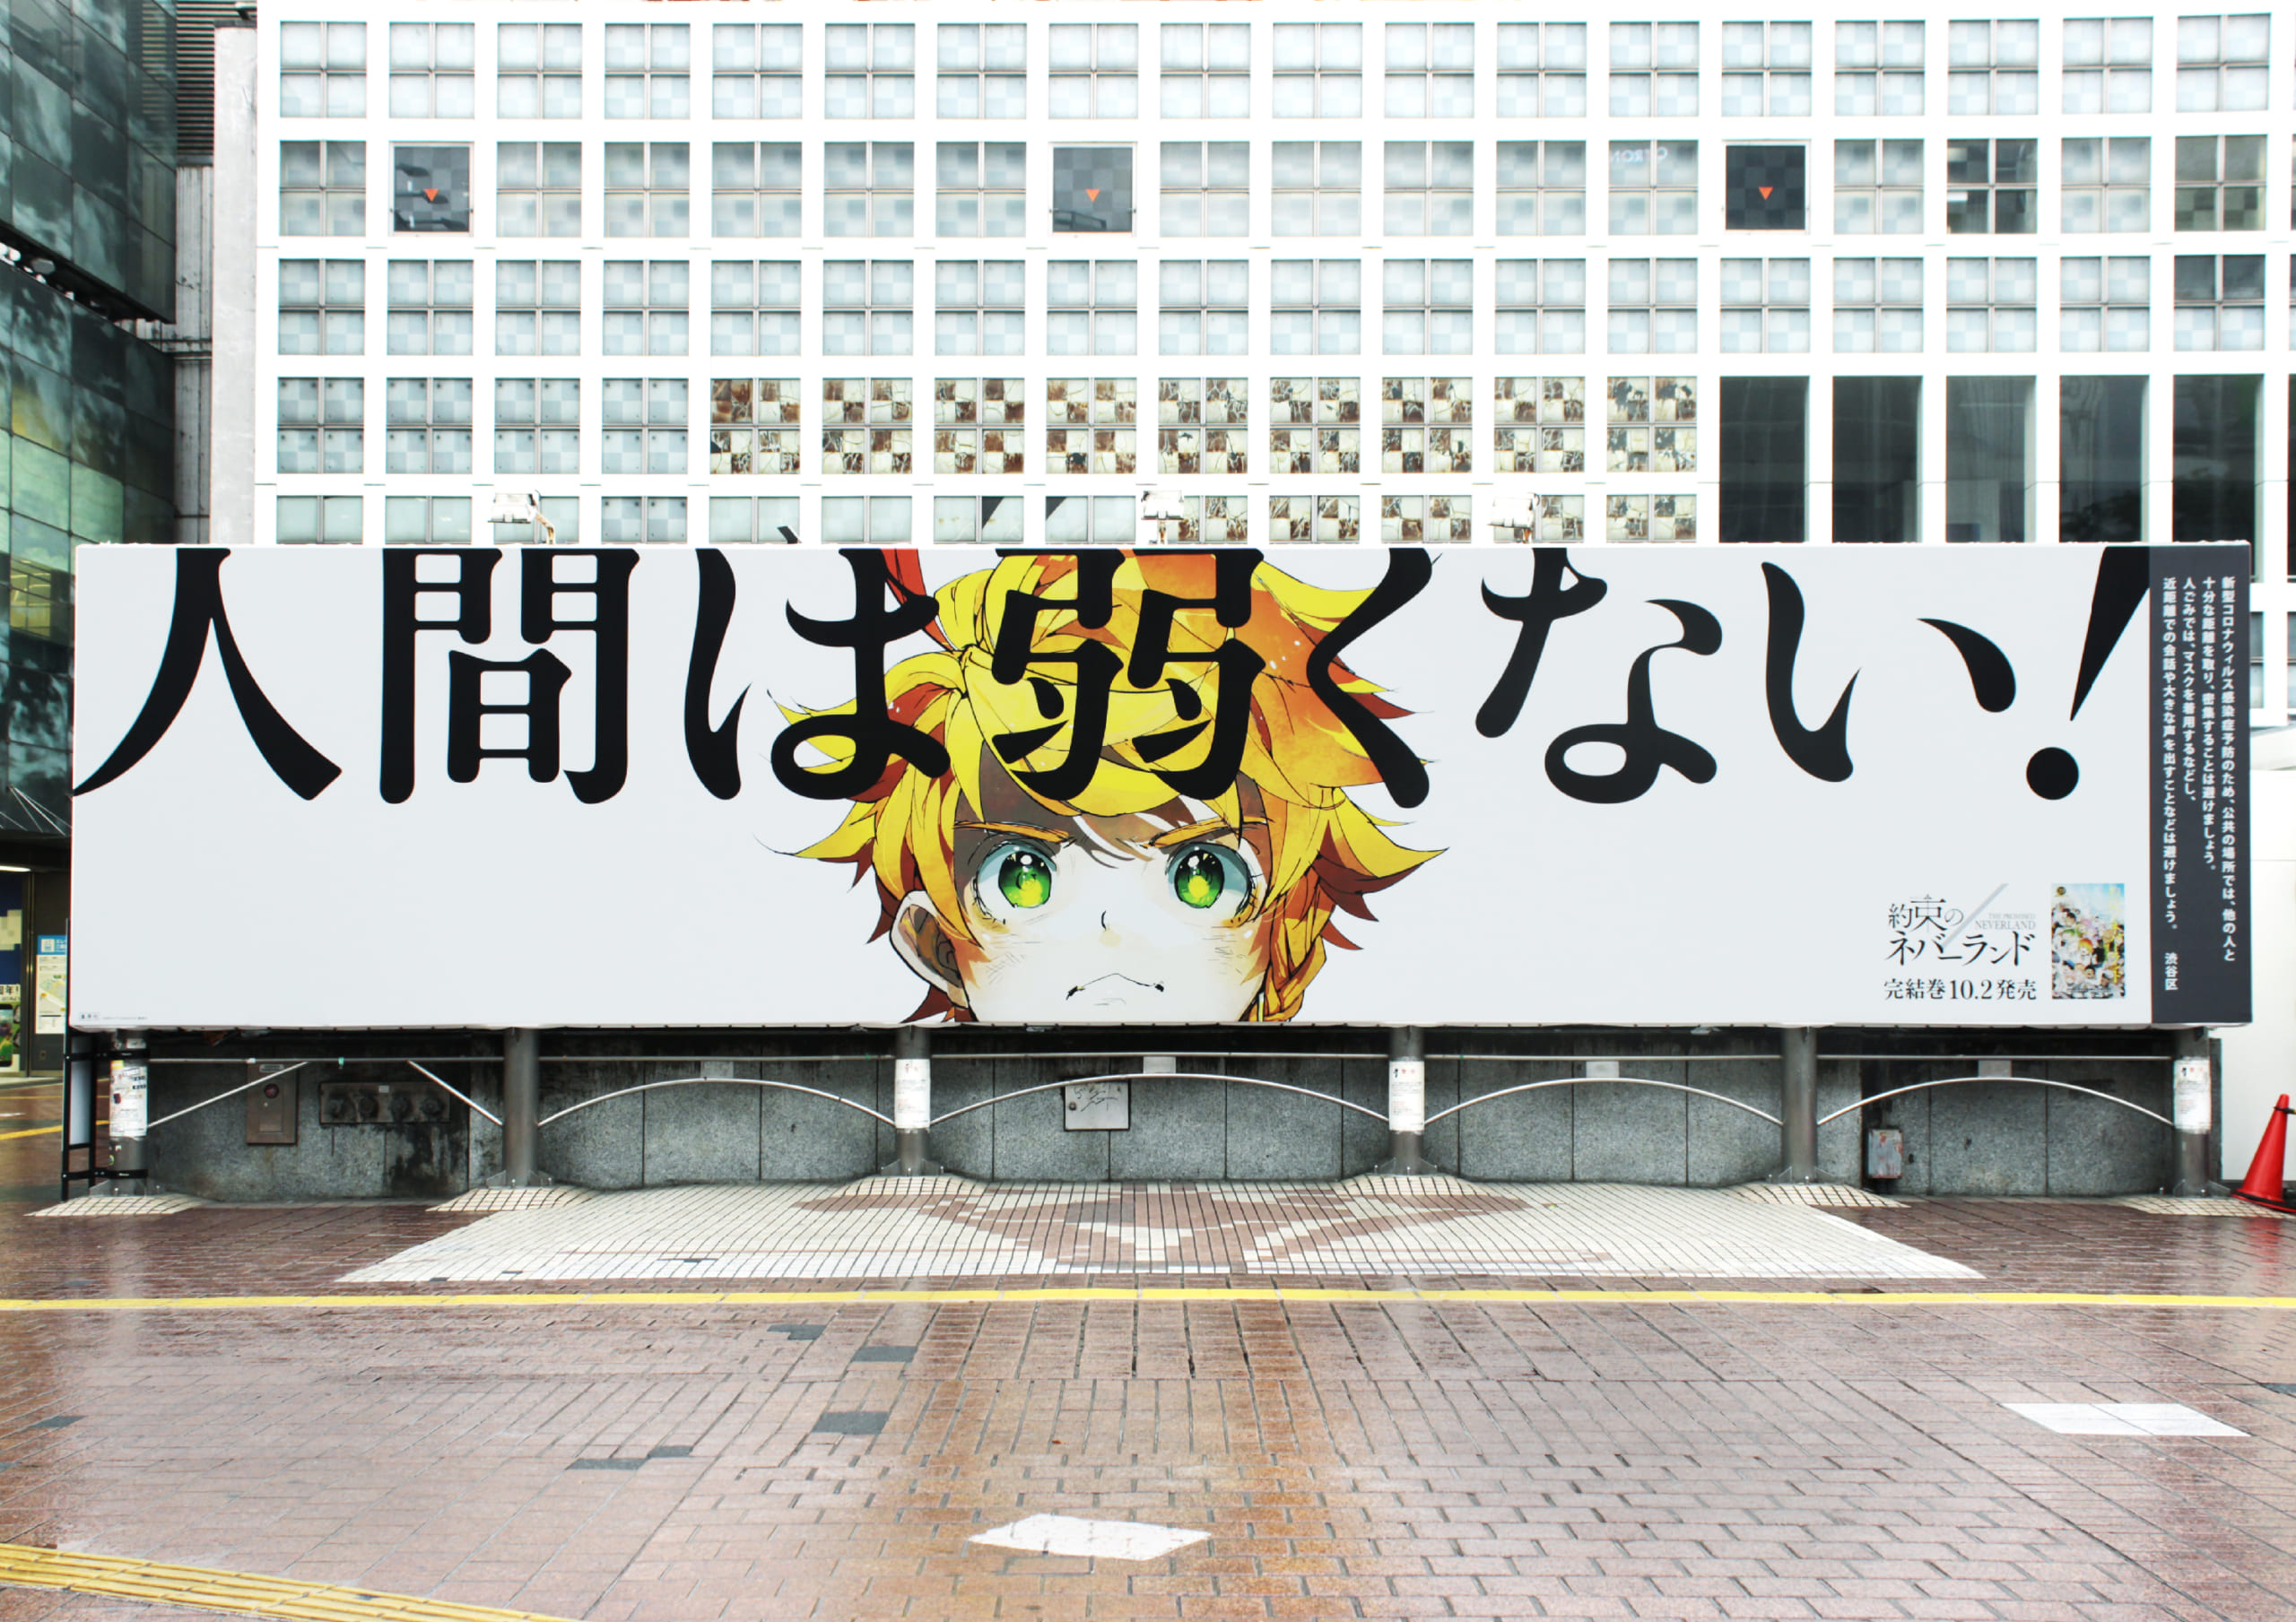 『約束のネバーランド』困難な時代を生きるすべての人に向けて渋谷にメッセージ広告が掲出!「人間は弱くない!」